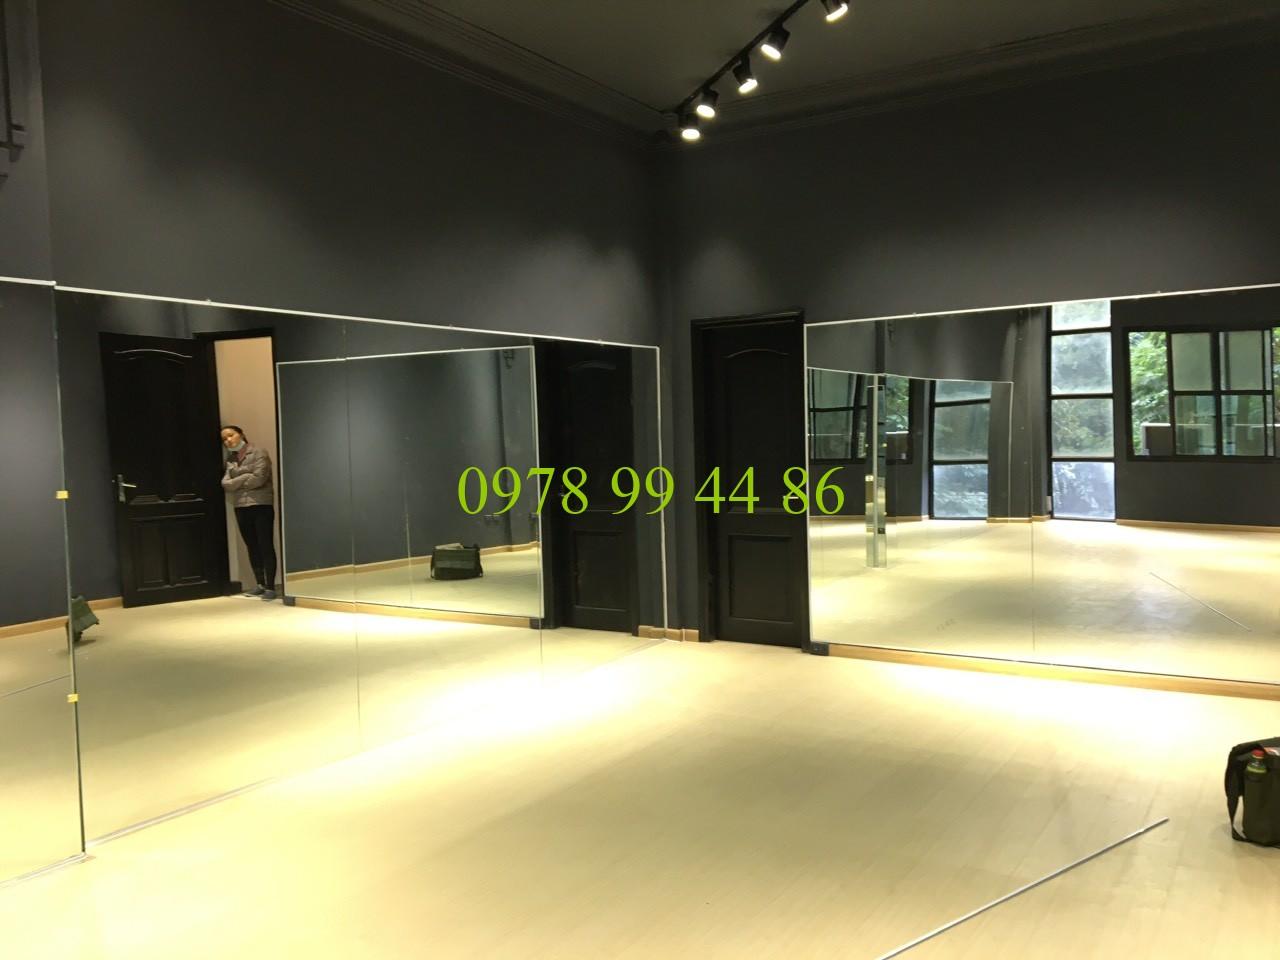 Gương phòng tập gym23134 Gương phòng tập khi lắp đặt có khó không ?